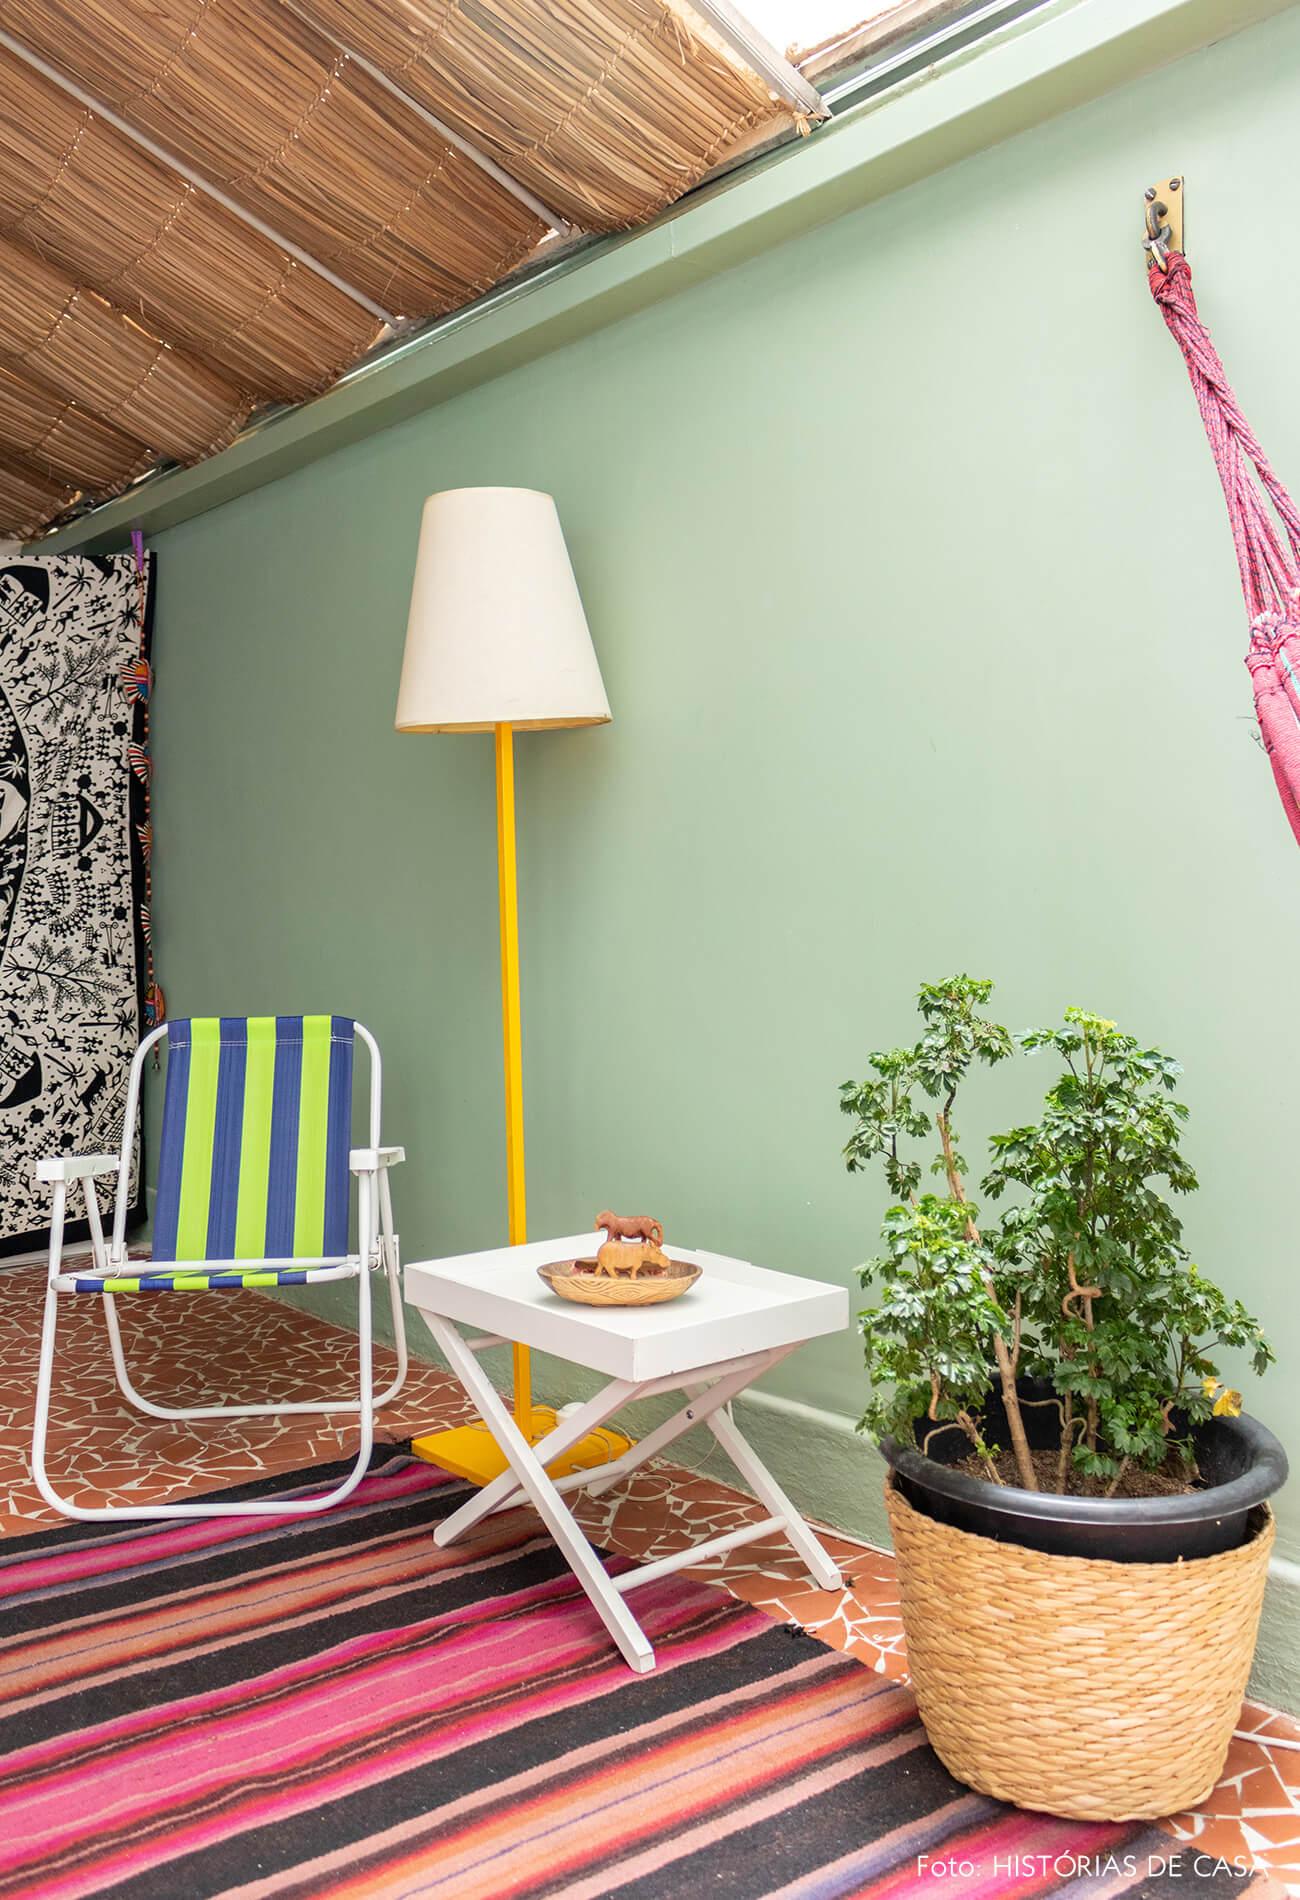 decoração área externa com cadeira de praia cesto e rede